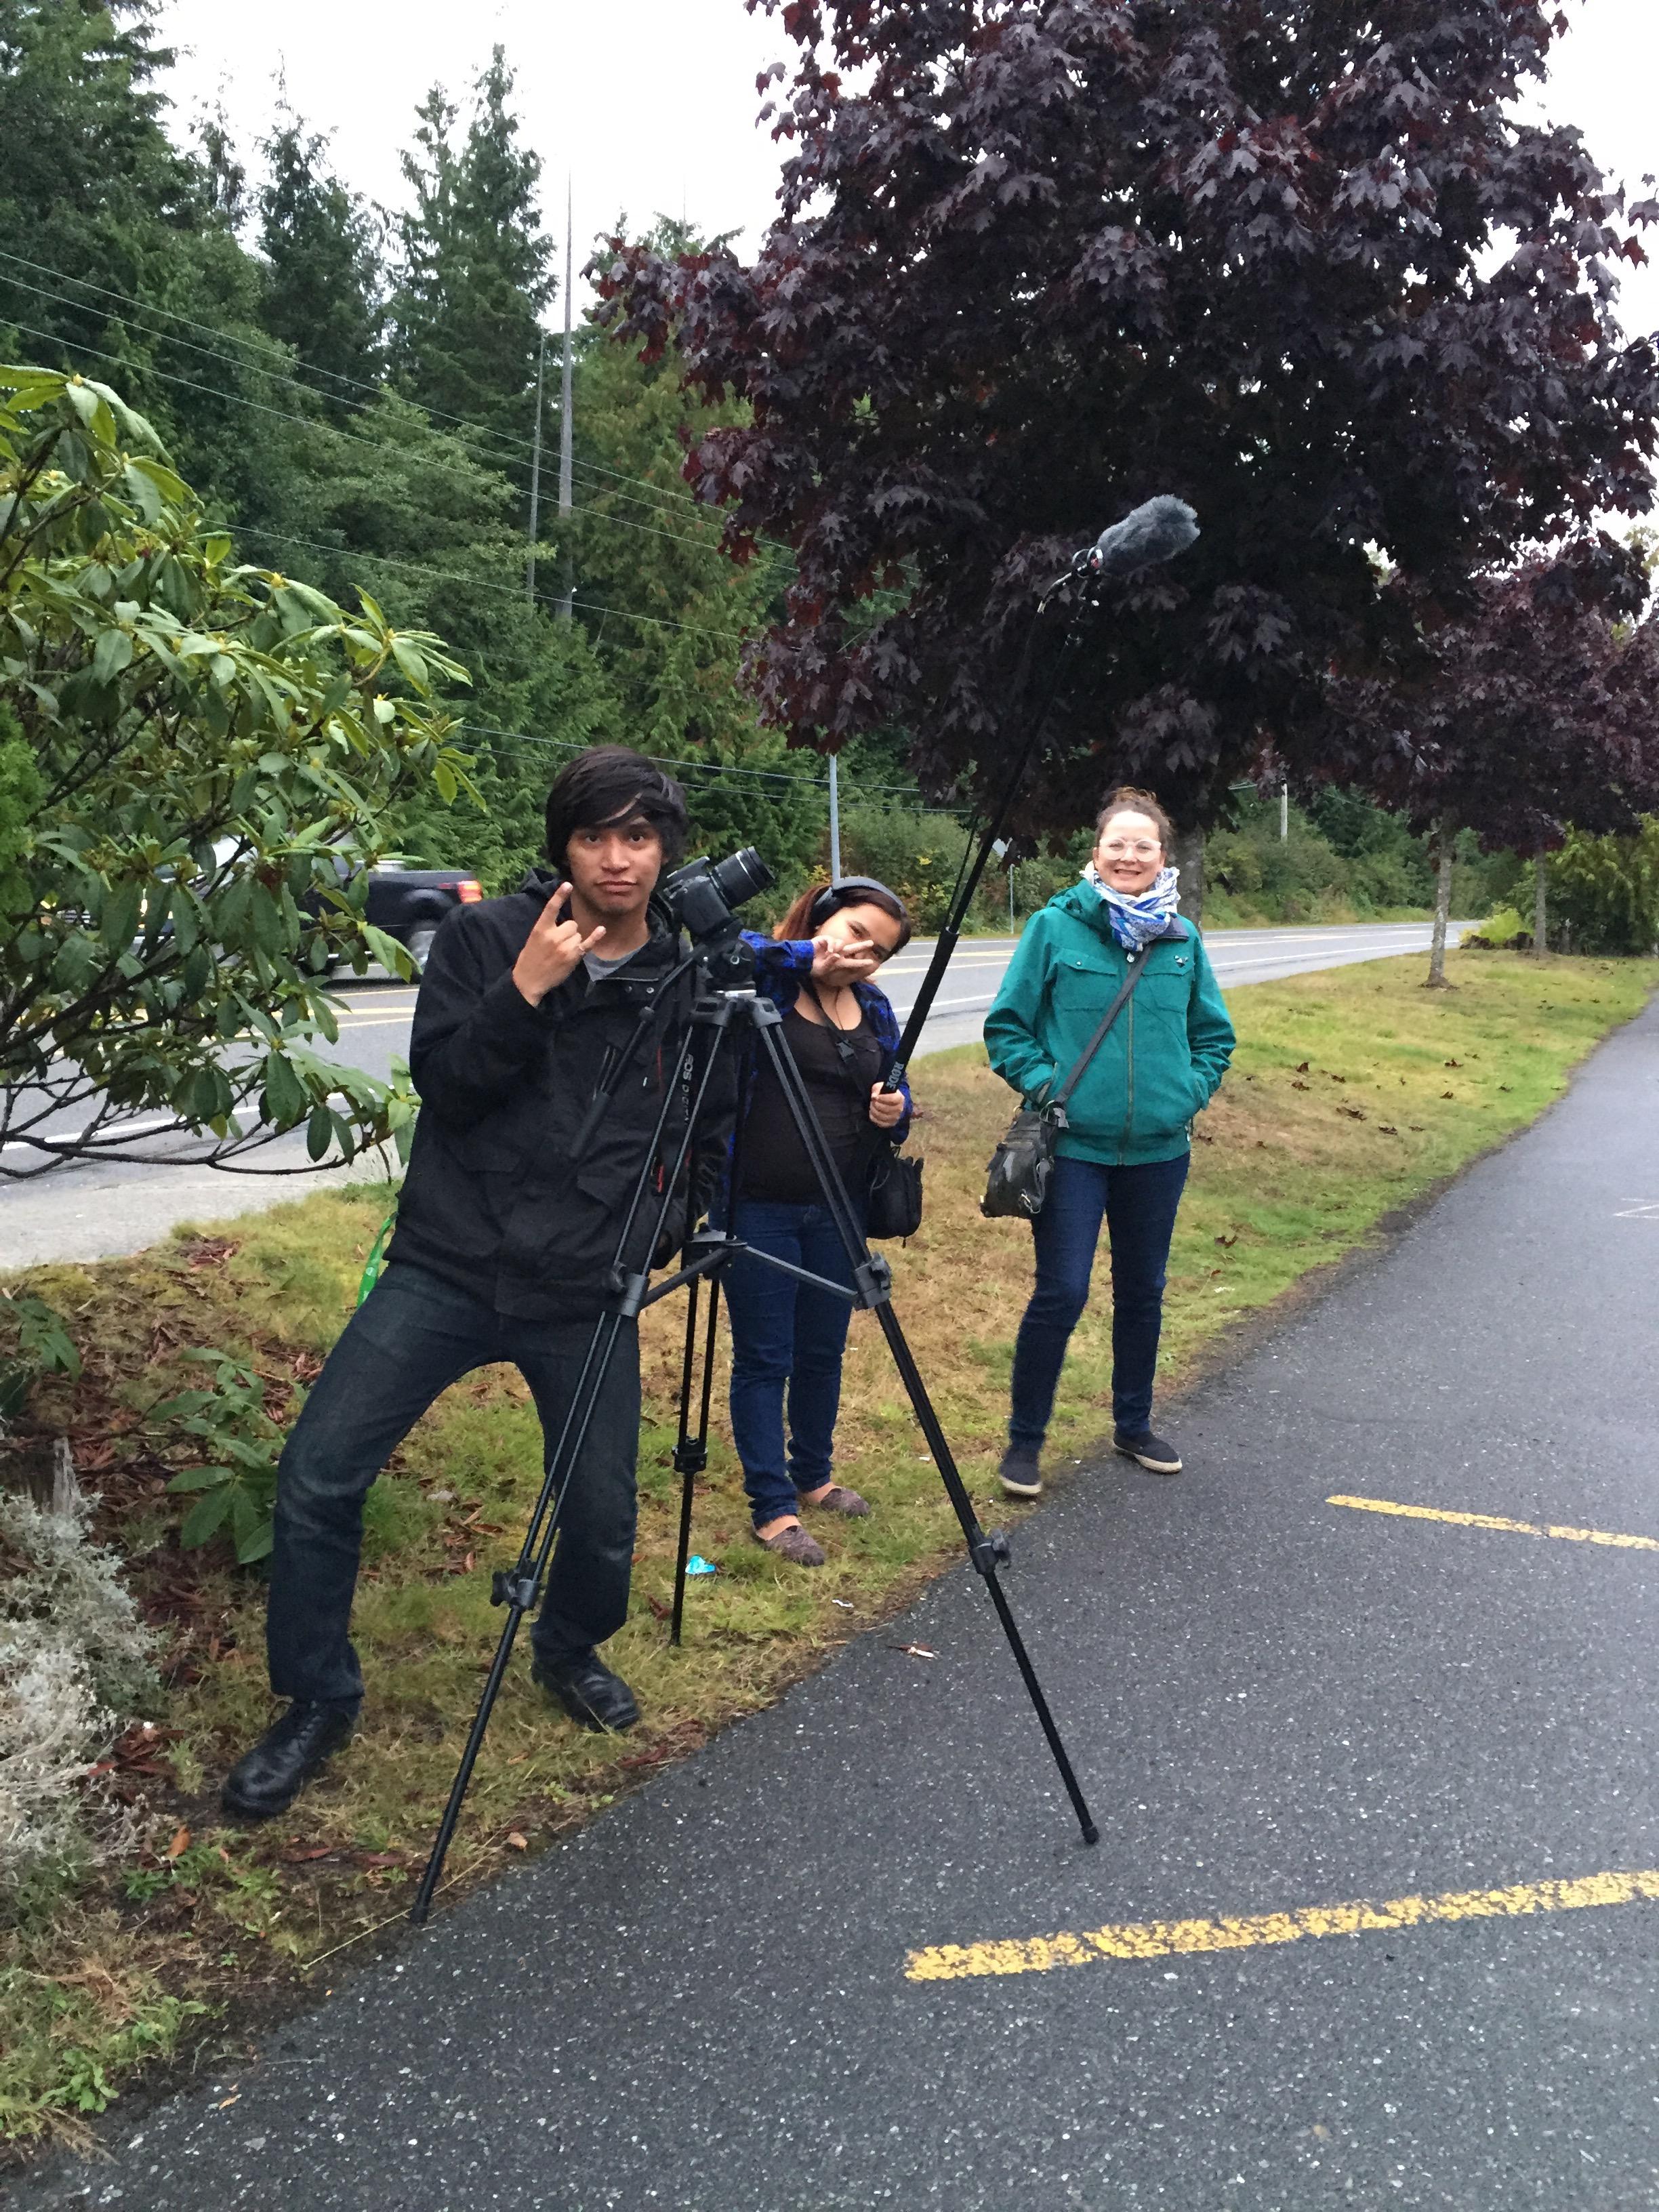 FUN film crew!